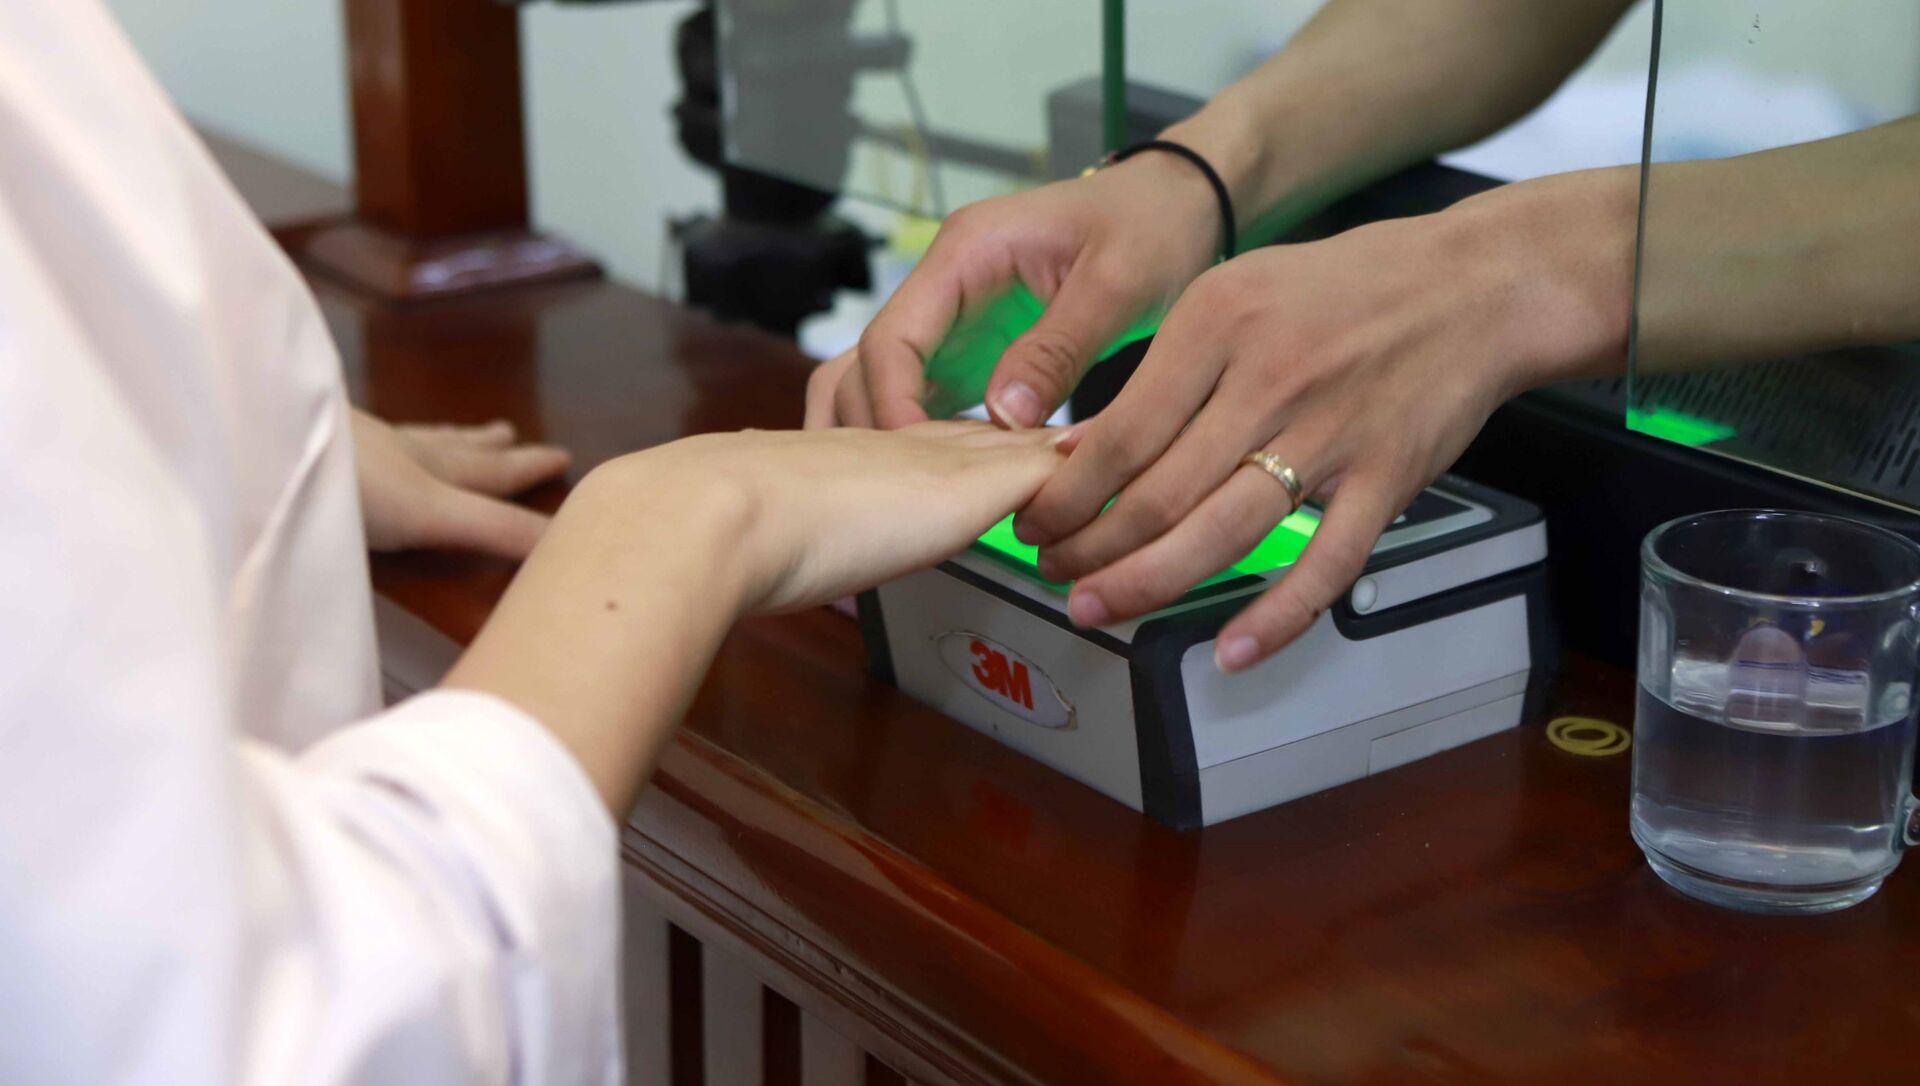 Người dân thực hiện thủ tục lăn tay làm CCCD gắn chíp tại Phòng quản lý hành chính về trật tự xã hội, Công an thành phố Vĩnh Yên. - Sputnik Việt Nam, 1920, 07.04.2021